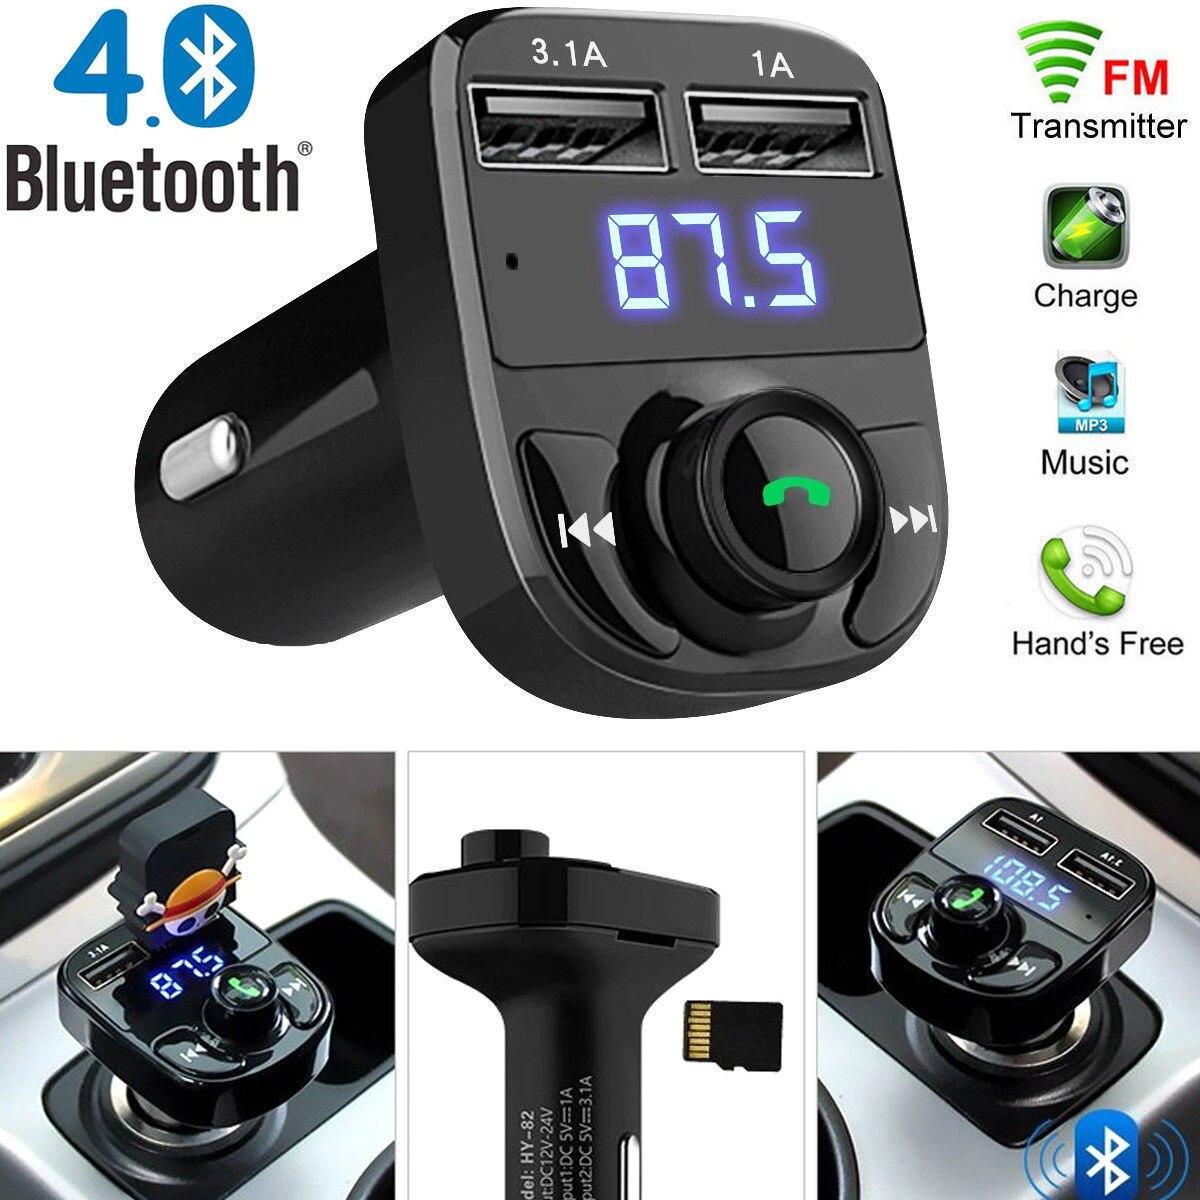 FM адаптер fm-передатчик Универсальный Автомобильный fm-передатчик музыка напряжение обнаружение беспроводной bluetooth-приемник радио адаптер